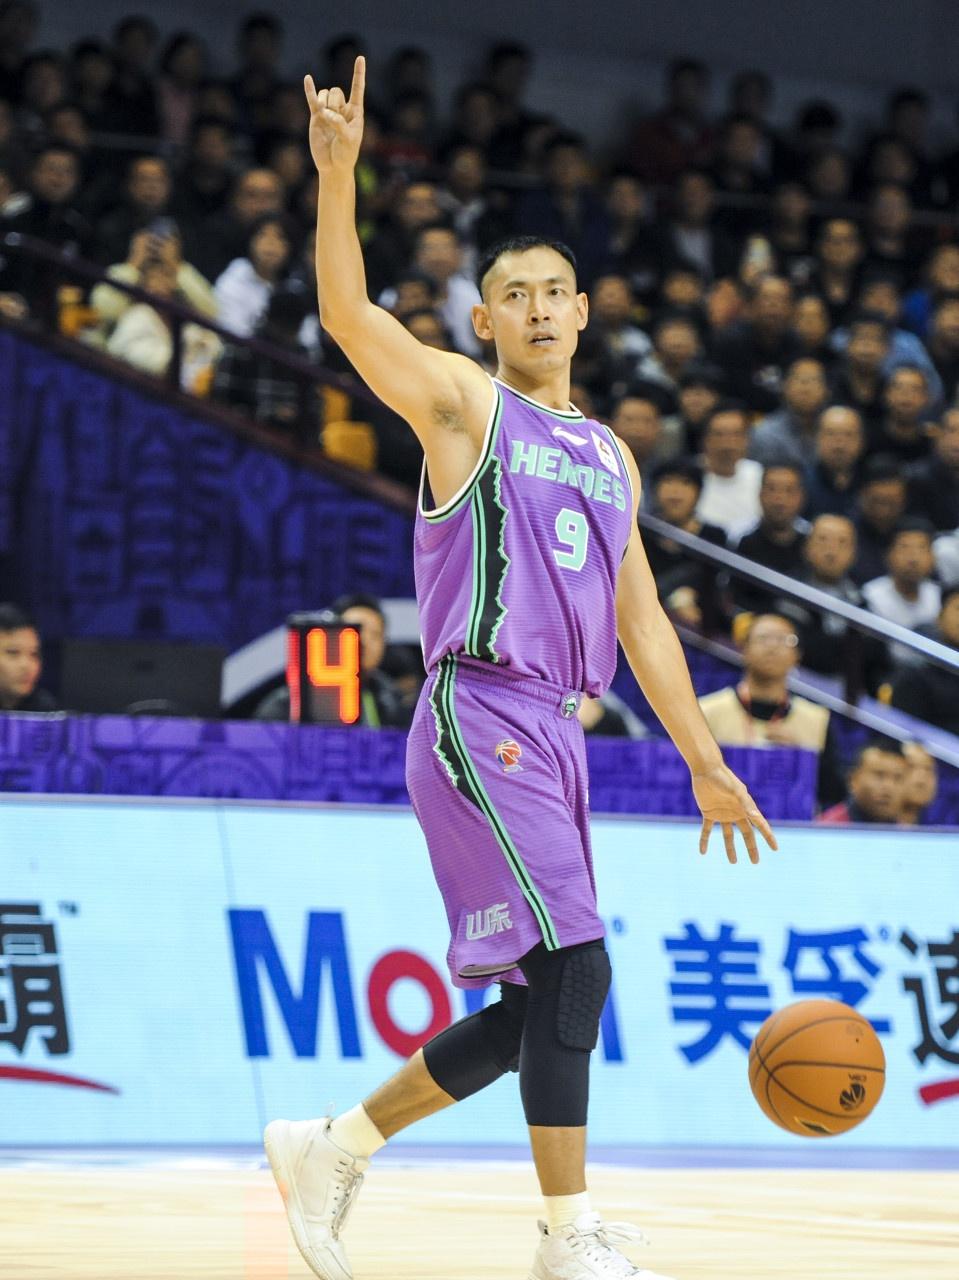 张庆鹏CBA生涯总得分超杰特 升至联赛历史第12位